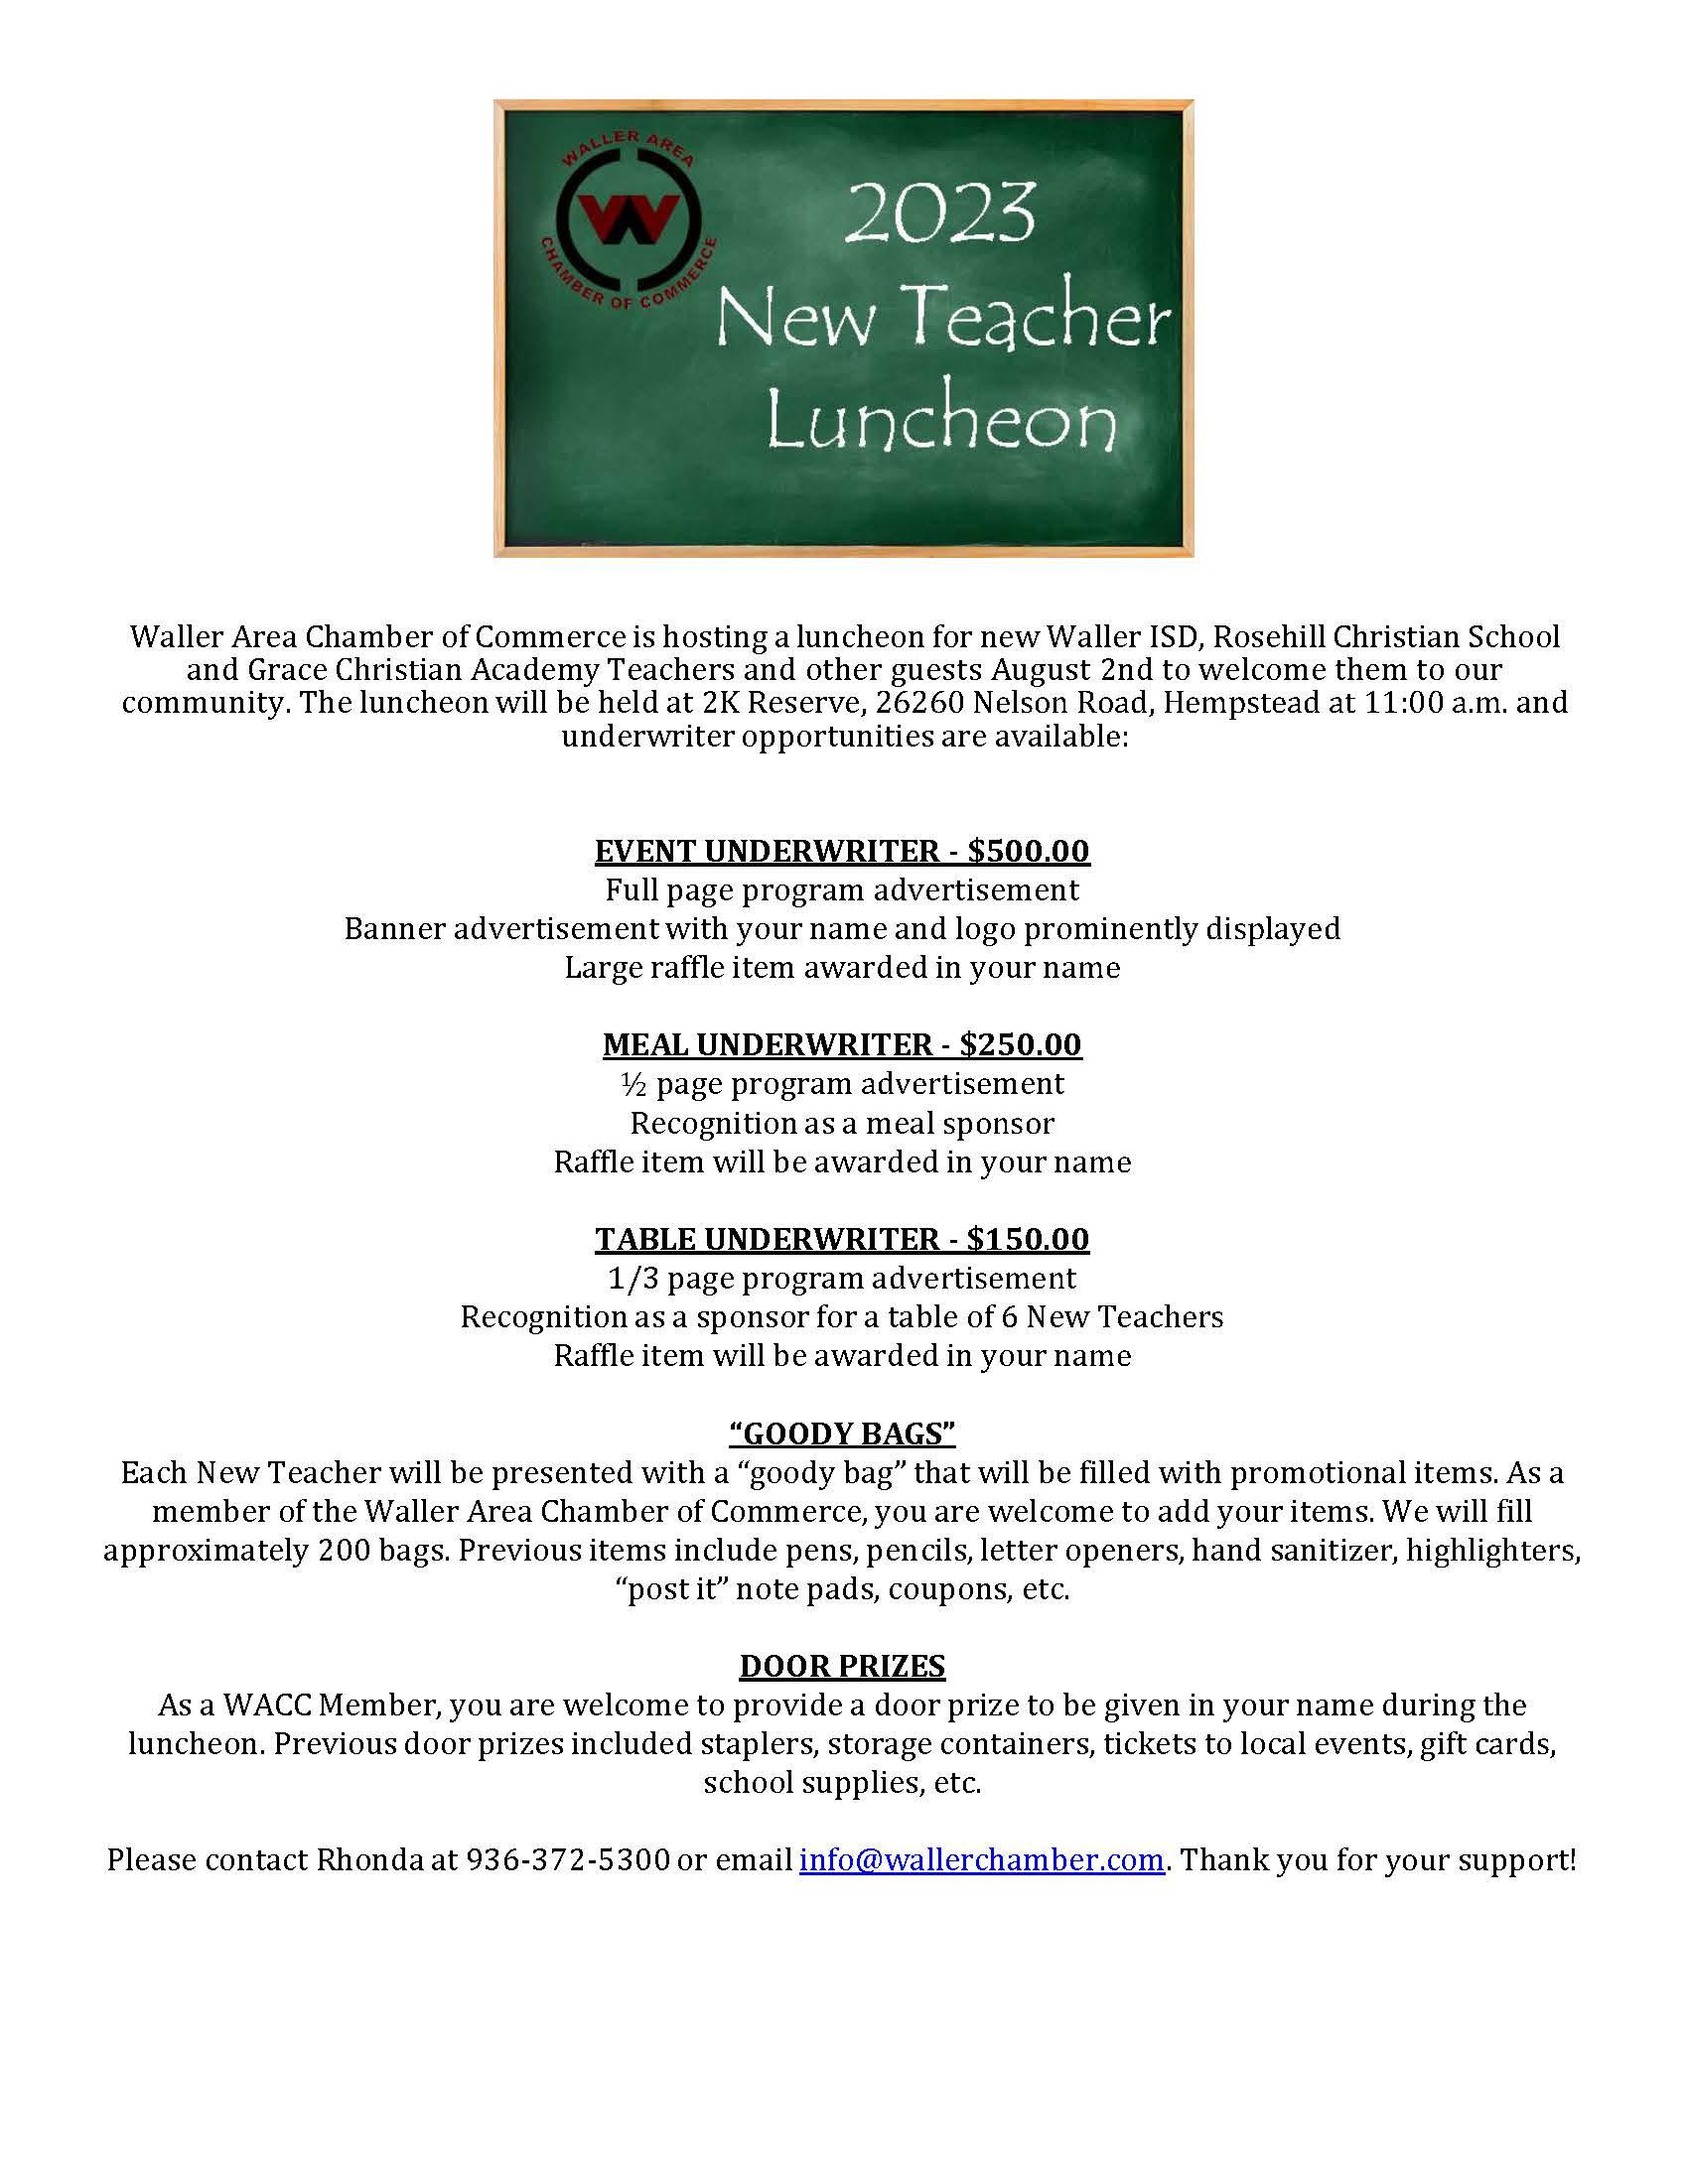 New-Teacher-Luncheon-sponsorship.jpg